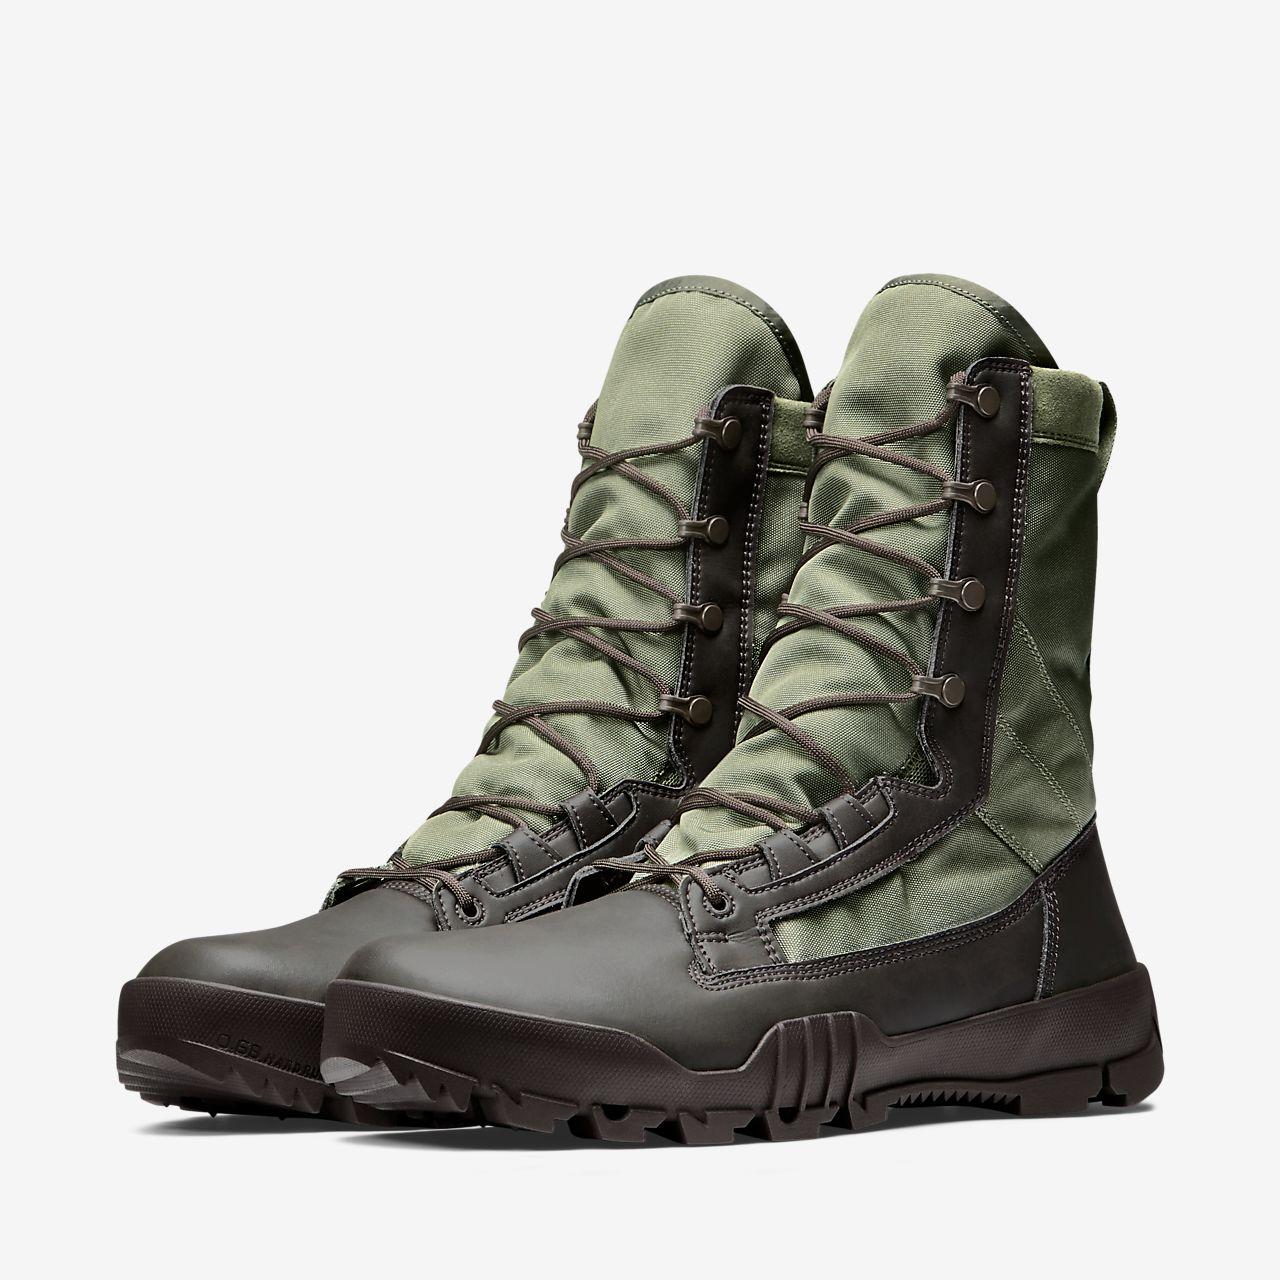 f88aa21105ff1 Nike SFB Jungle Tactical Boot. Nike.com